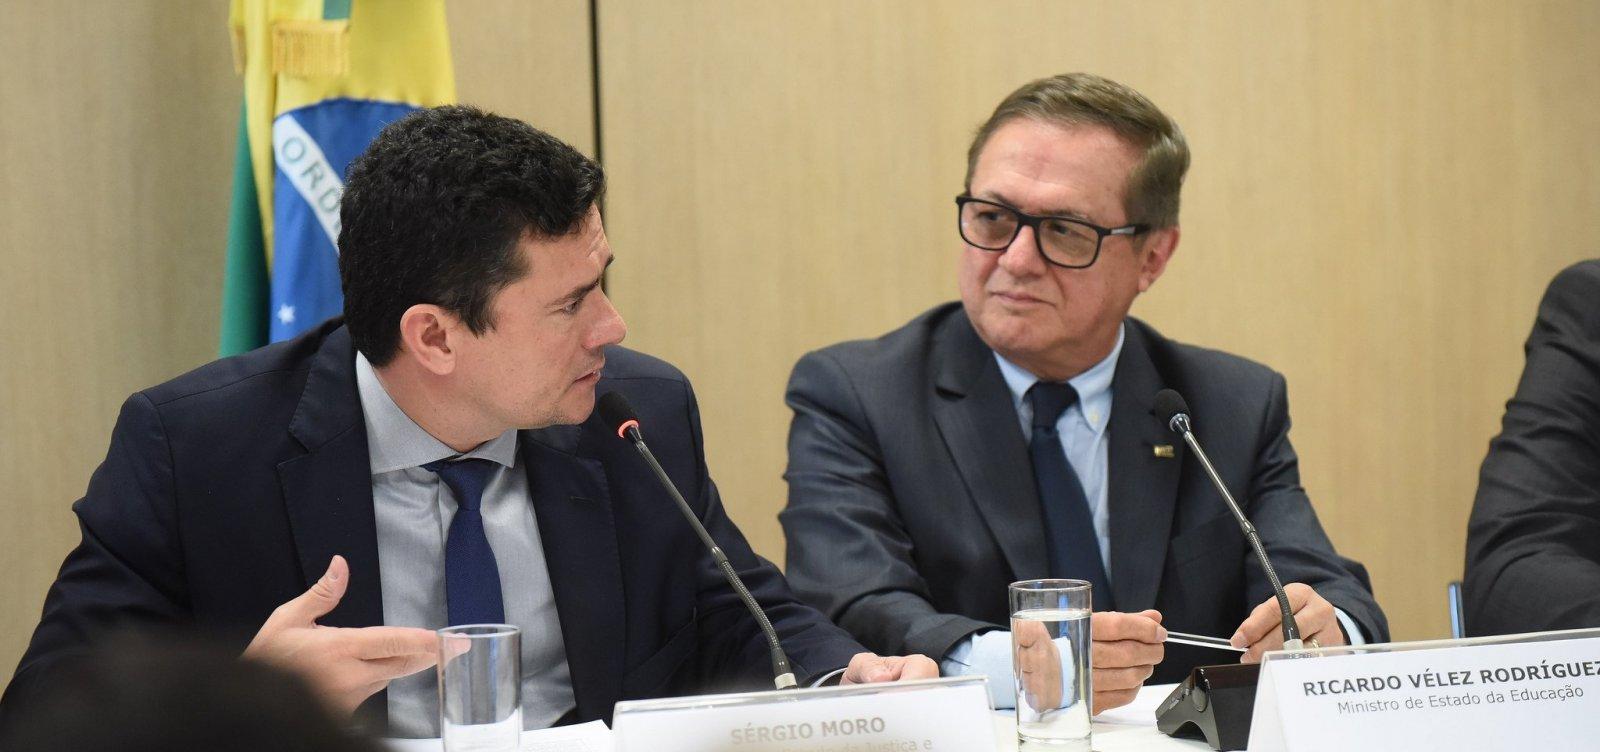 Ministro Sérgio Moro e o ministro Ricardo Vélez Rodrigues assinaram acordo para a Lava Jato da Educação.